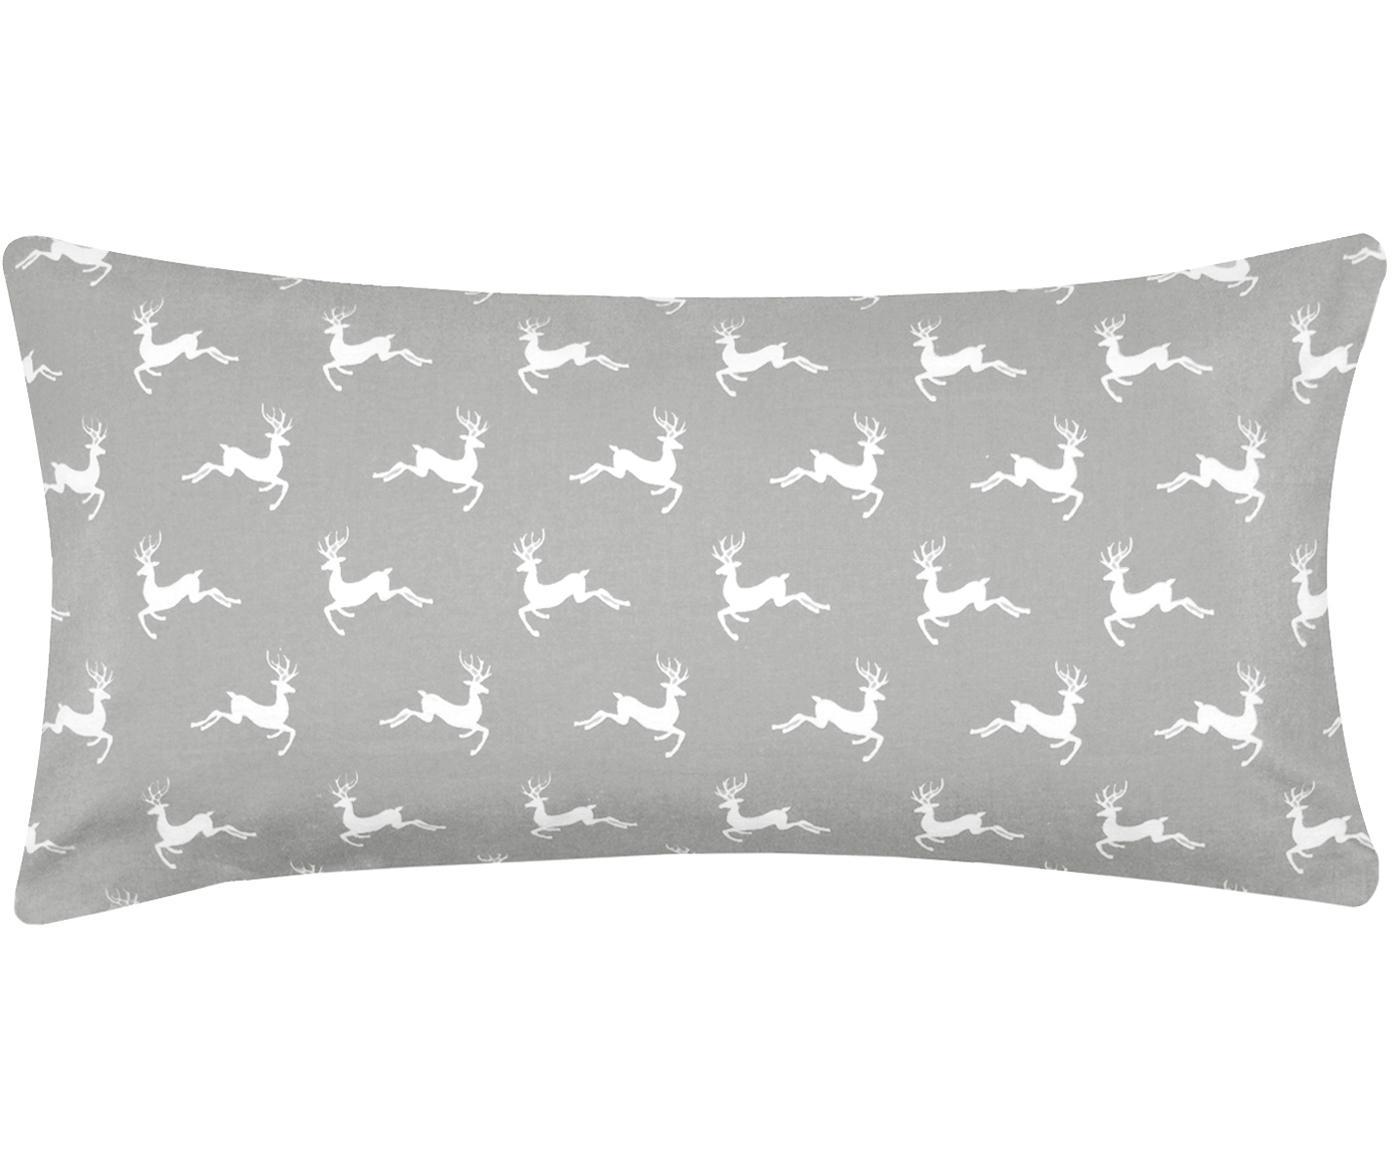 Poszewka na poduszkę z flaneli Rudolph, 2 szt., 100% bawełna, flanela, Szary, beżowy, 40 x 80 cm